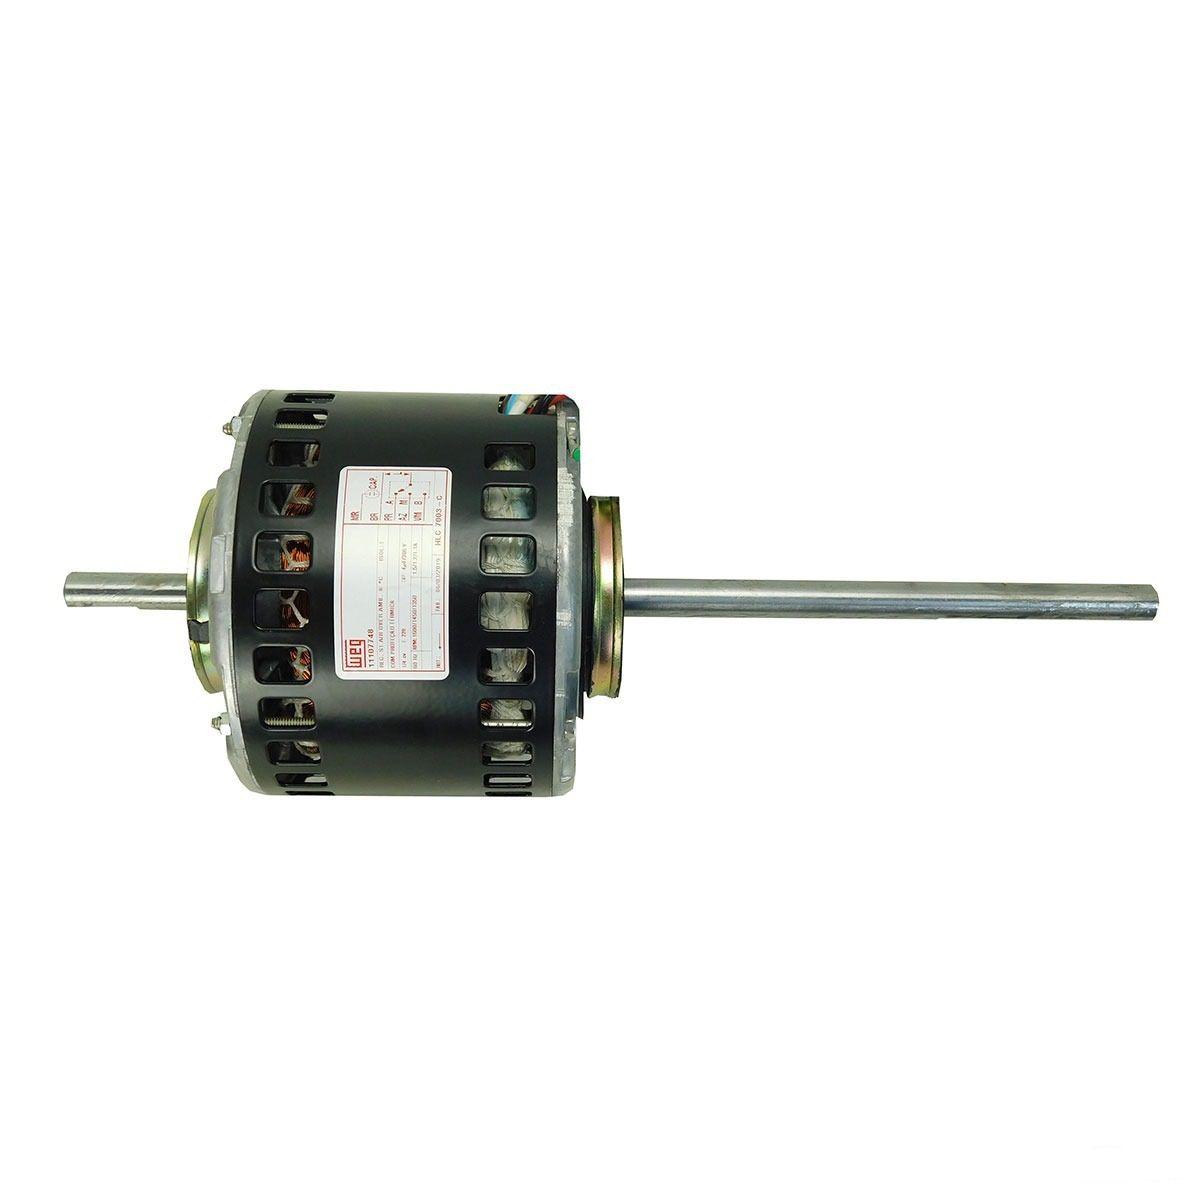 Motor Ventilador Evaporadora Piso Teto Hitachi Modelos RPC 35.000 até 40.000 Btus | TCSD 36.000 até 48.000 Btus